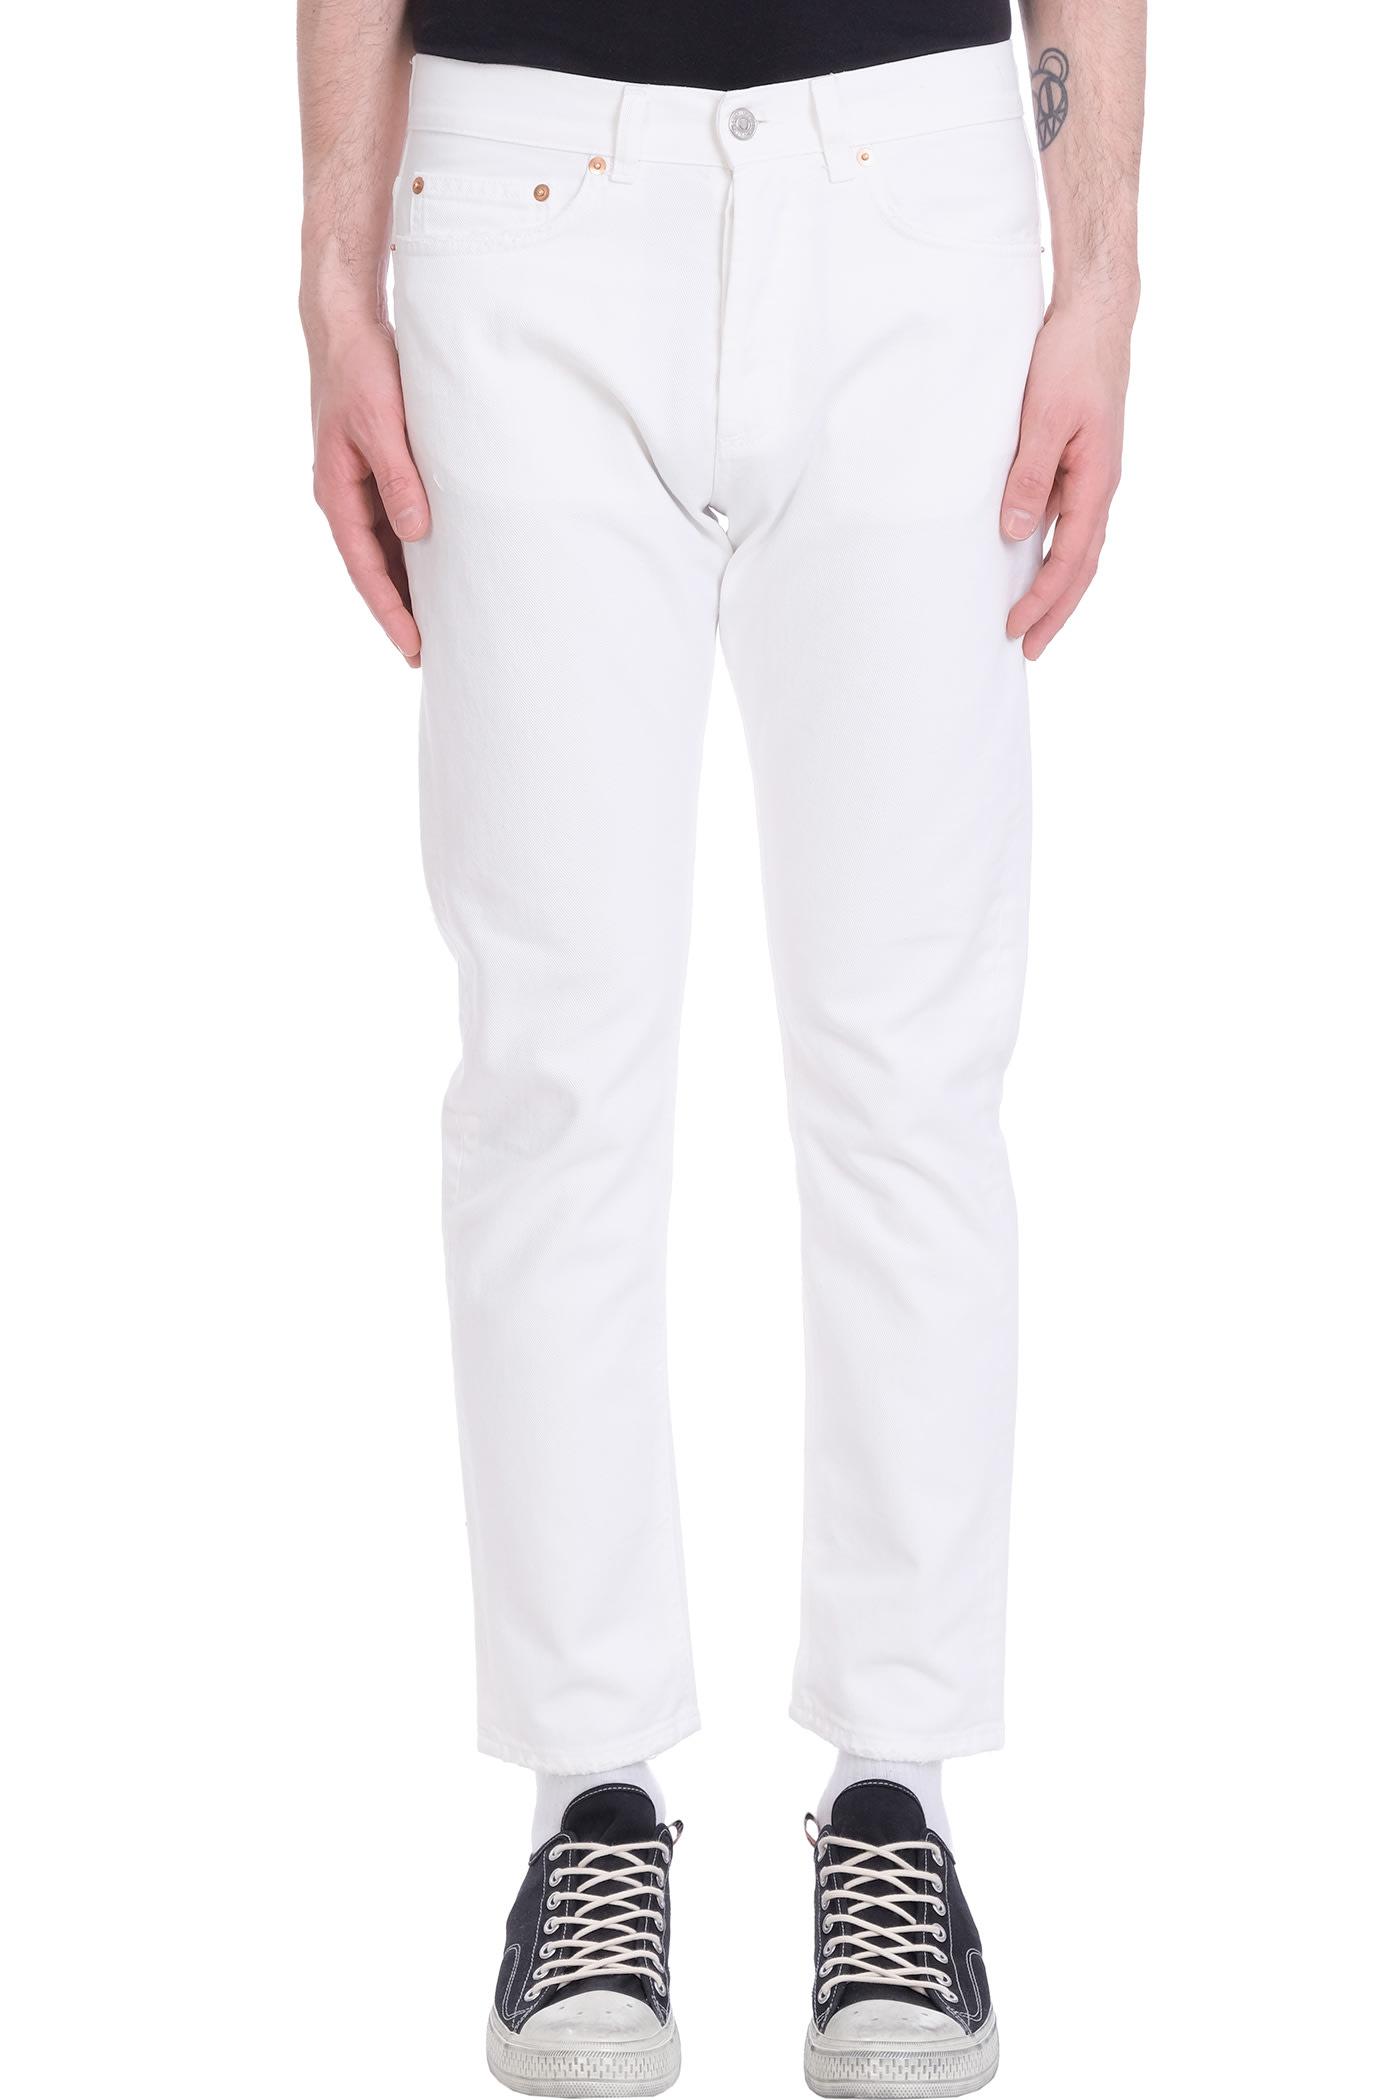 Jeans In White Denim